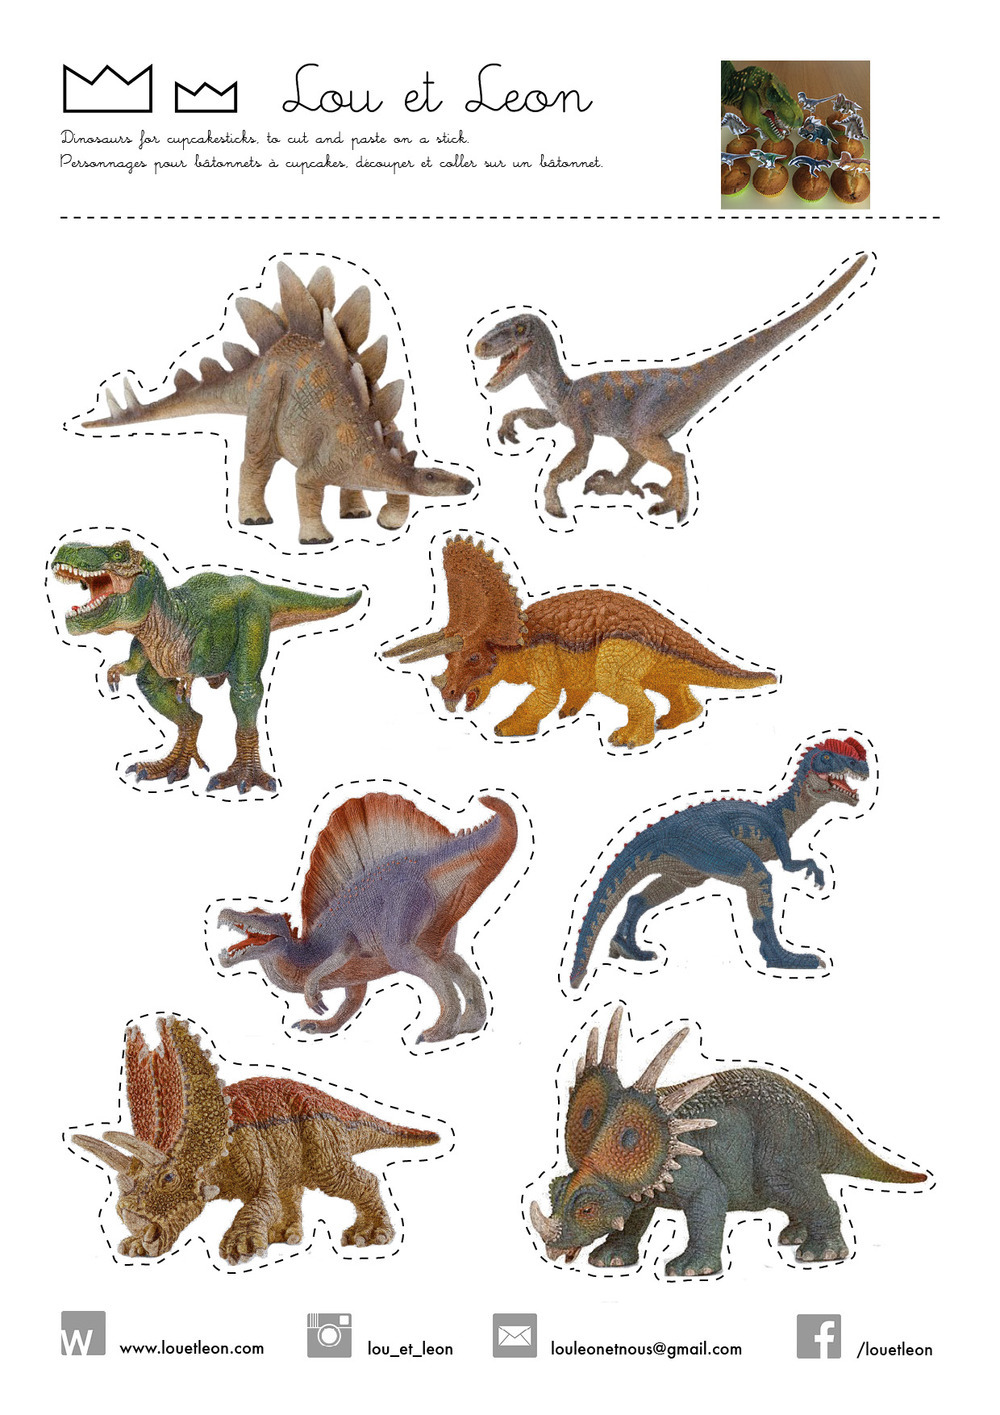 LouEtLeon_CupcakesSticks_Dinosaur.jpg